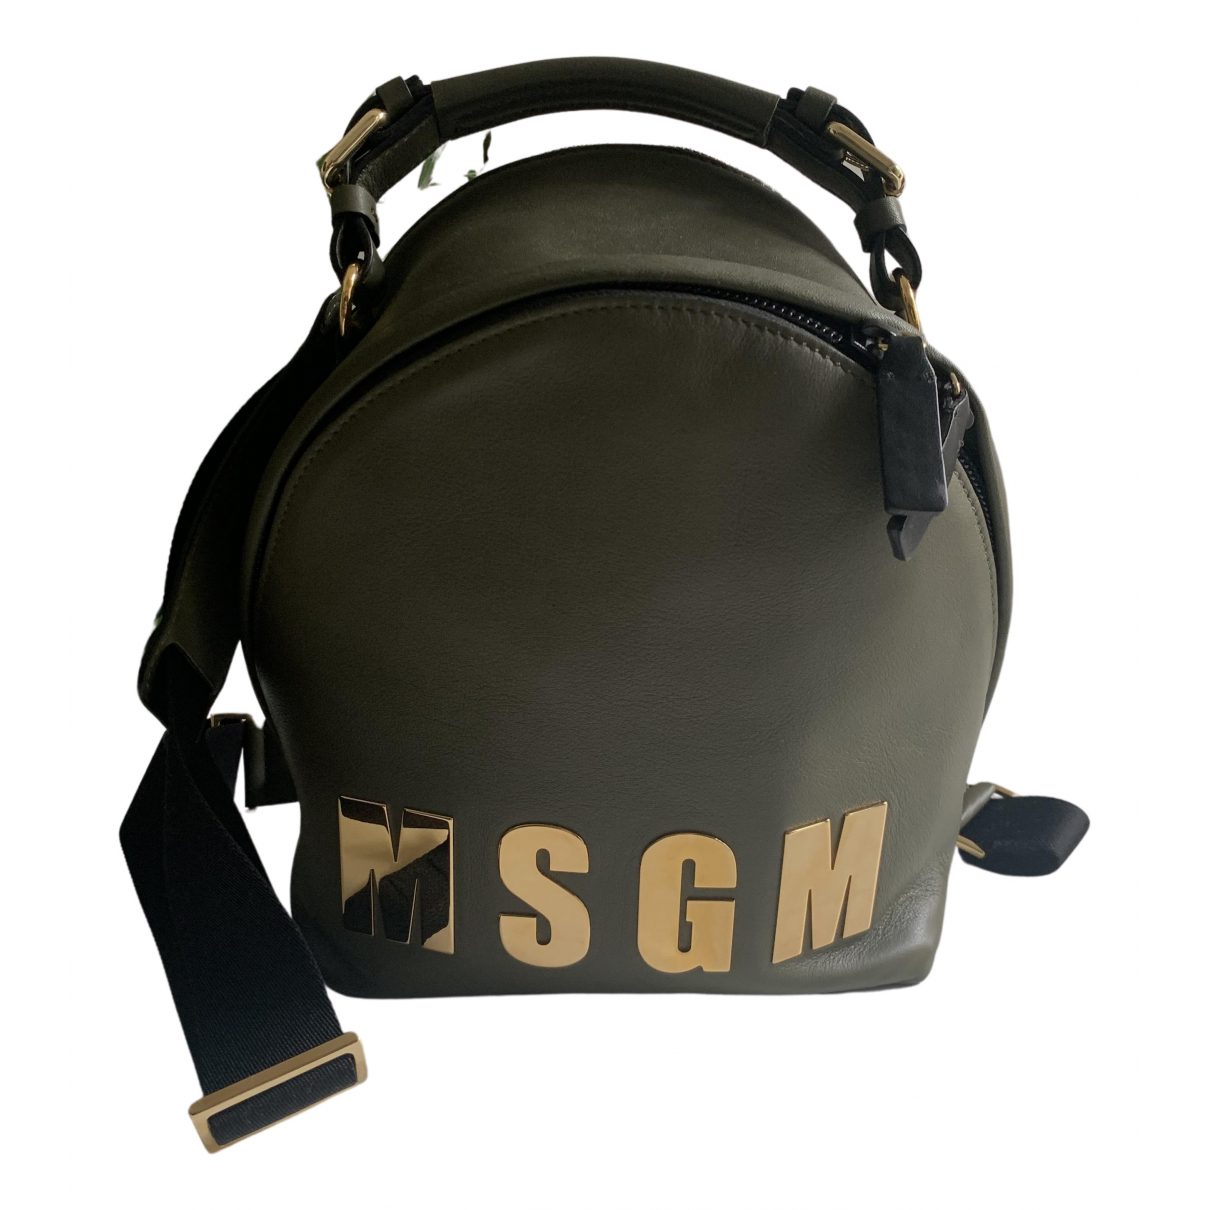 Msgm \N Rucksaecke in  Gruen Leder